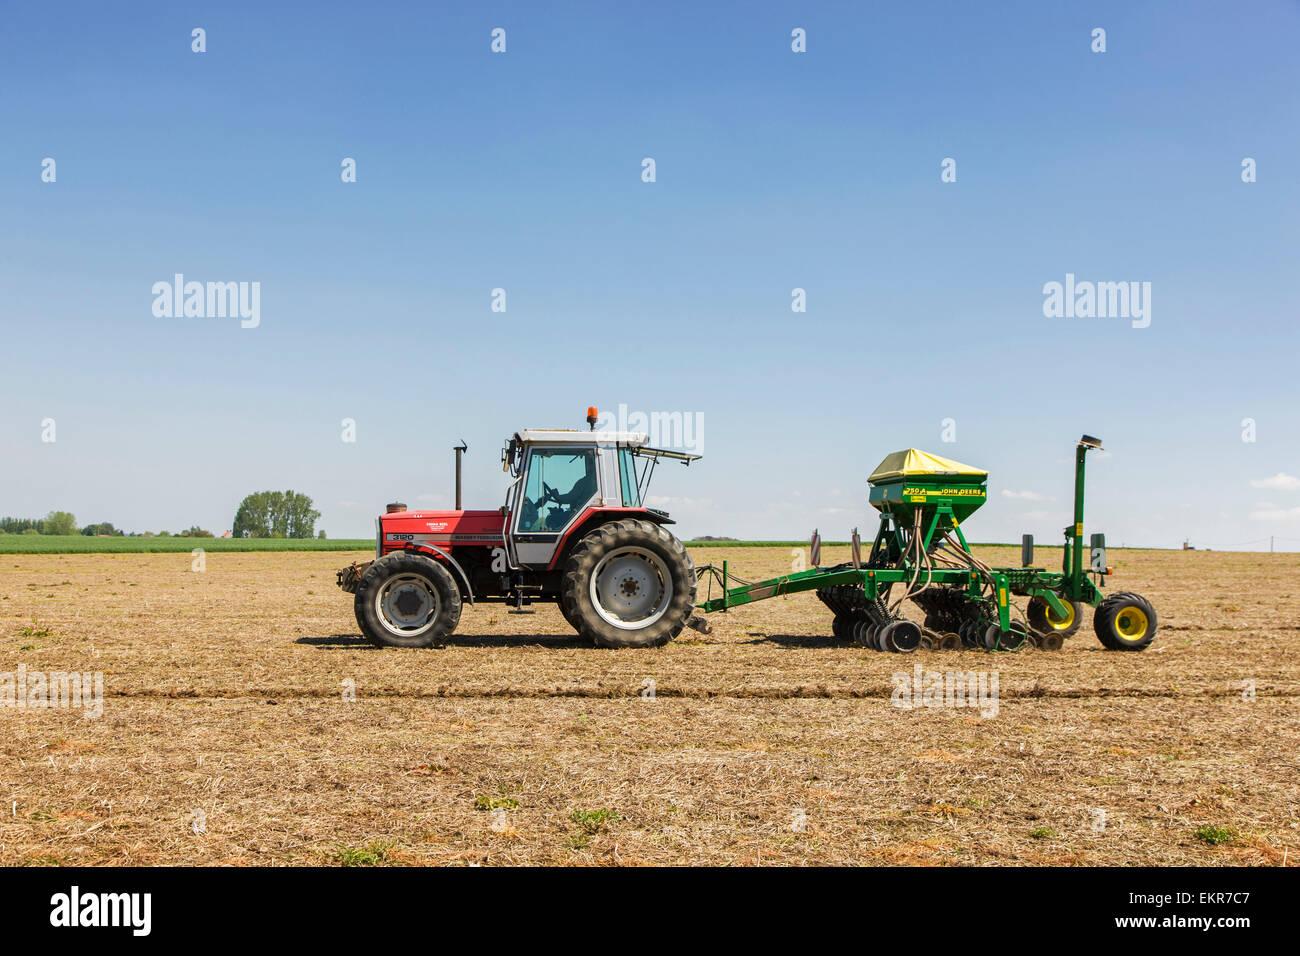 Tirar del tractor John Deere 750una siembra sin labranza trabajan en tierras de cultivo Foto de stock